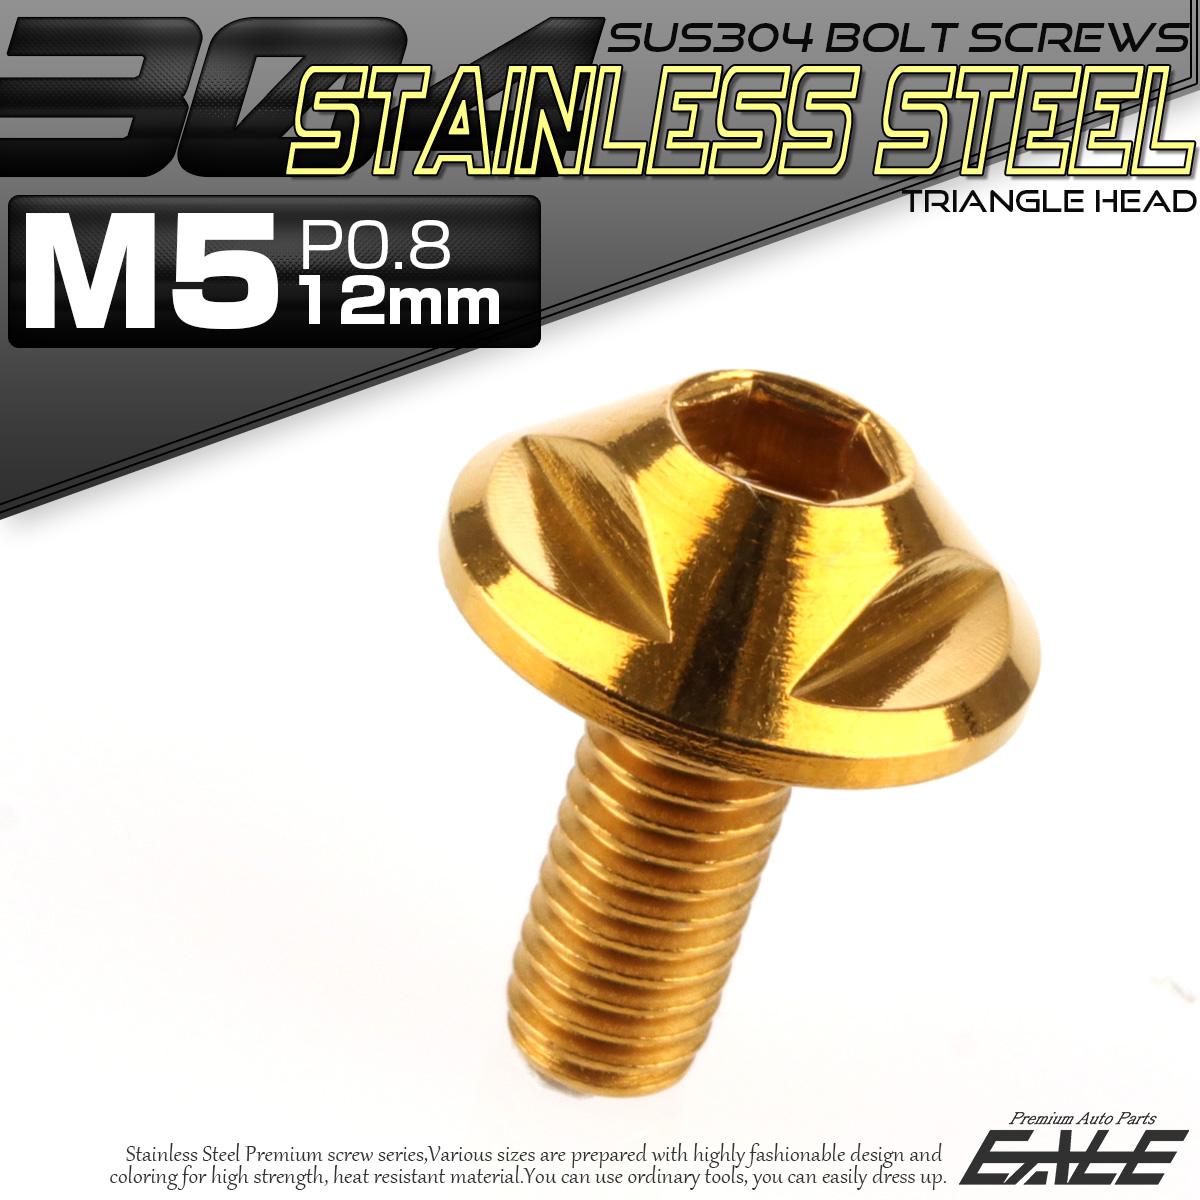 【ネコポス可】 SUS304 フランジ付 ボタンボルト M5×12mm P0.8 六角穴  ゴールド トライアングルヘッド ステンレス製  TR0144